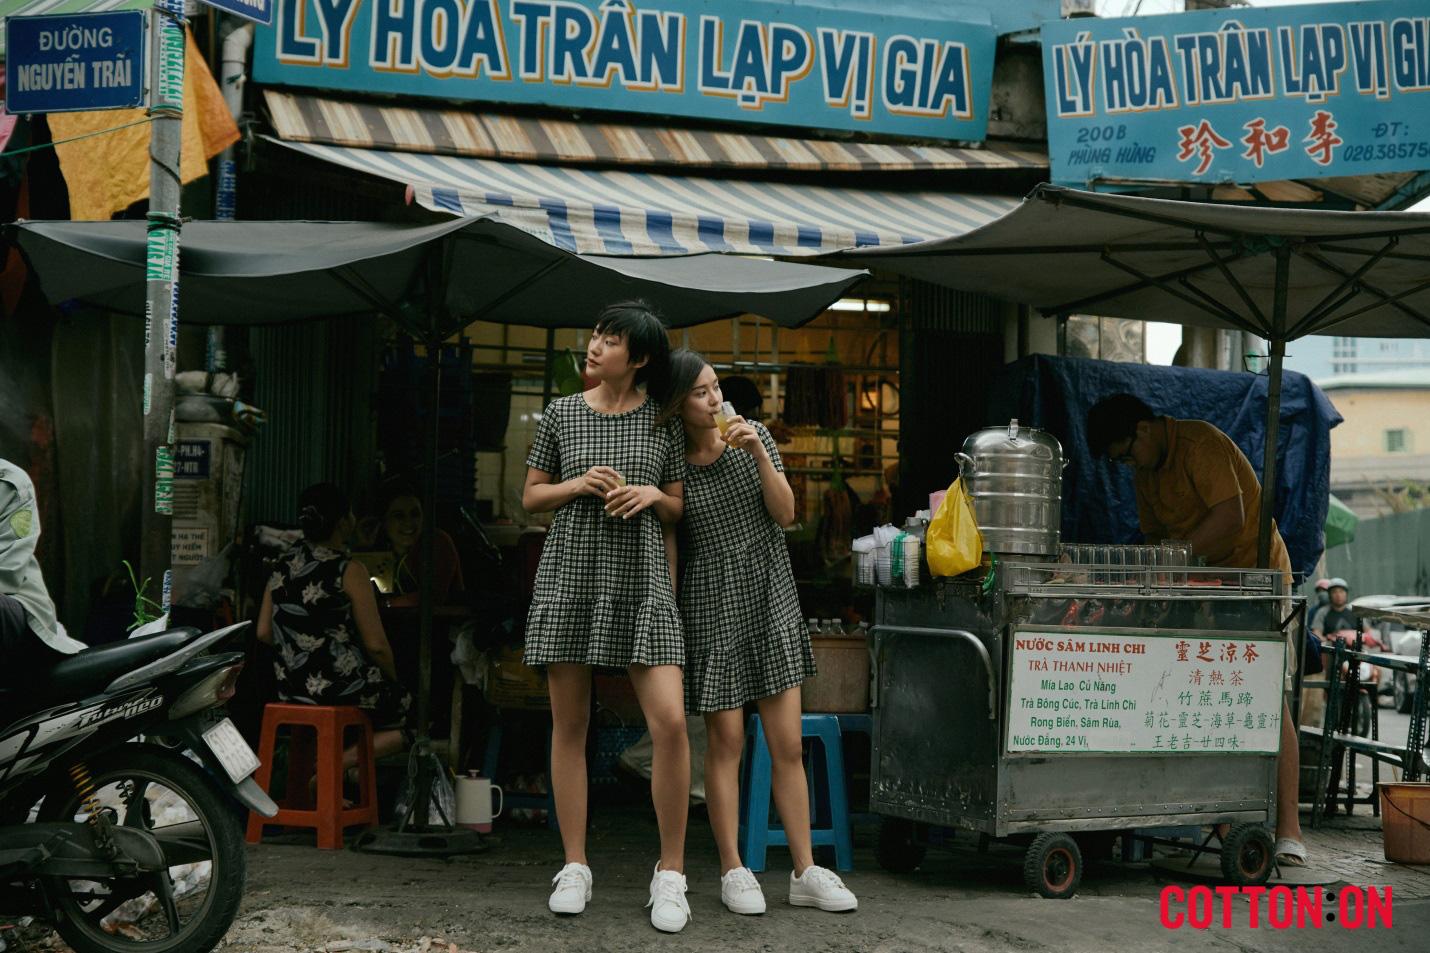 """Có một Sài Gòn của COTTON:ON dung dị và thân thương đến thế qua bộ ảnh """"Hello Saigon"""" - Ảnh 10."""